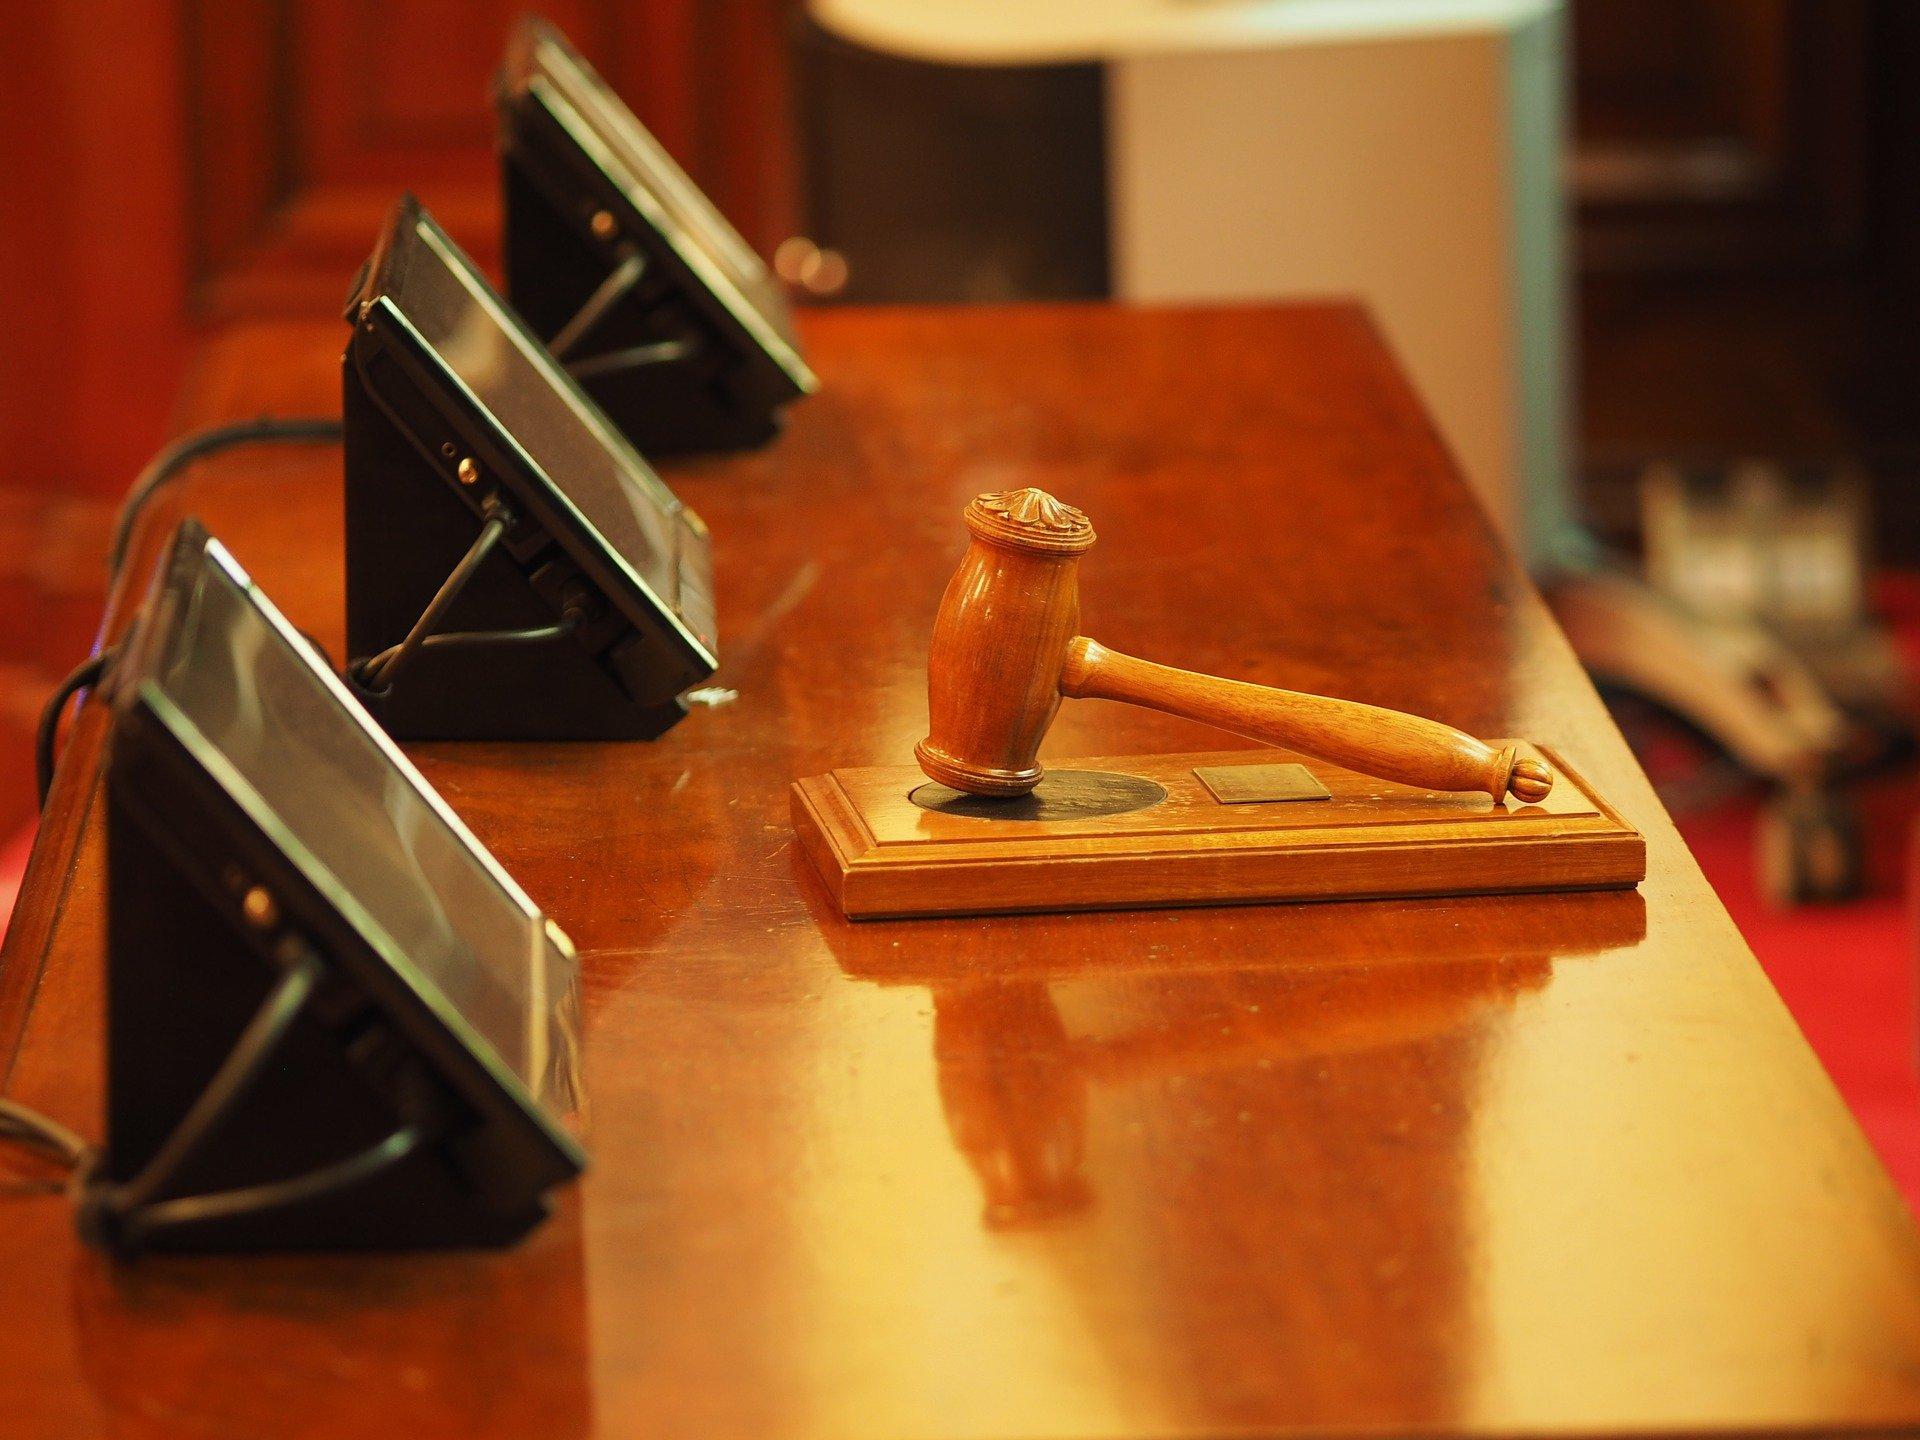 Юрист посоветовал Москве подождать итогового решения по делу акционеров ЮКОСа